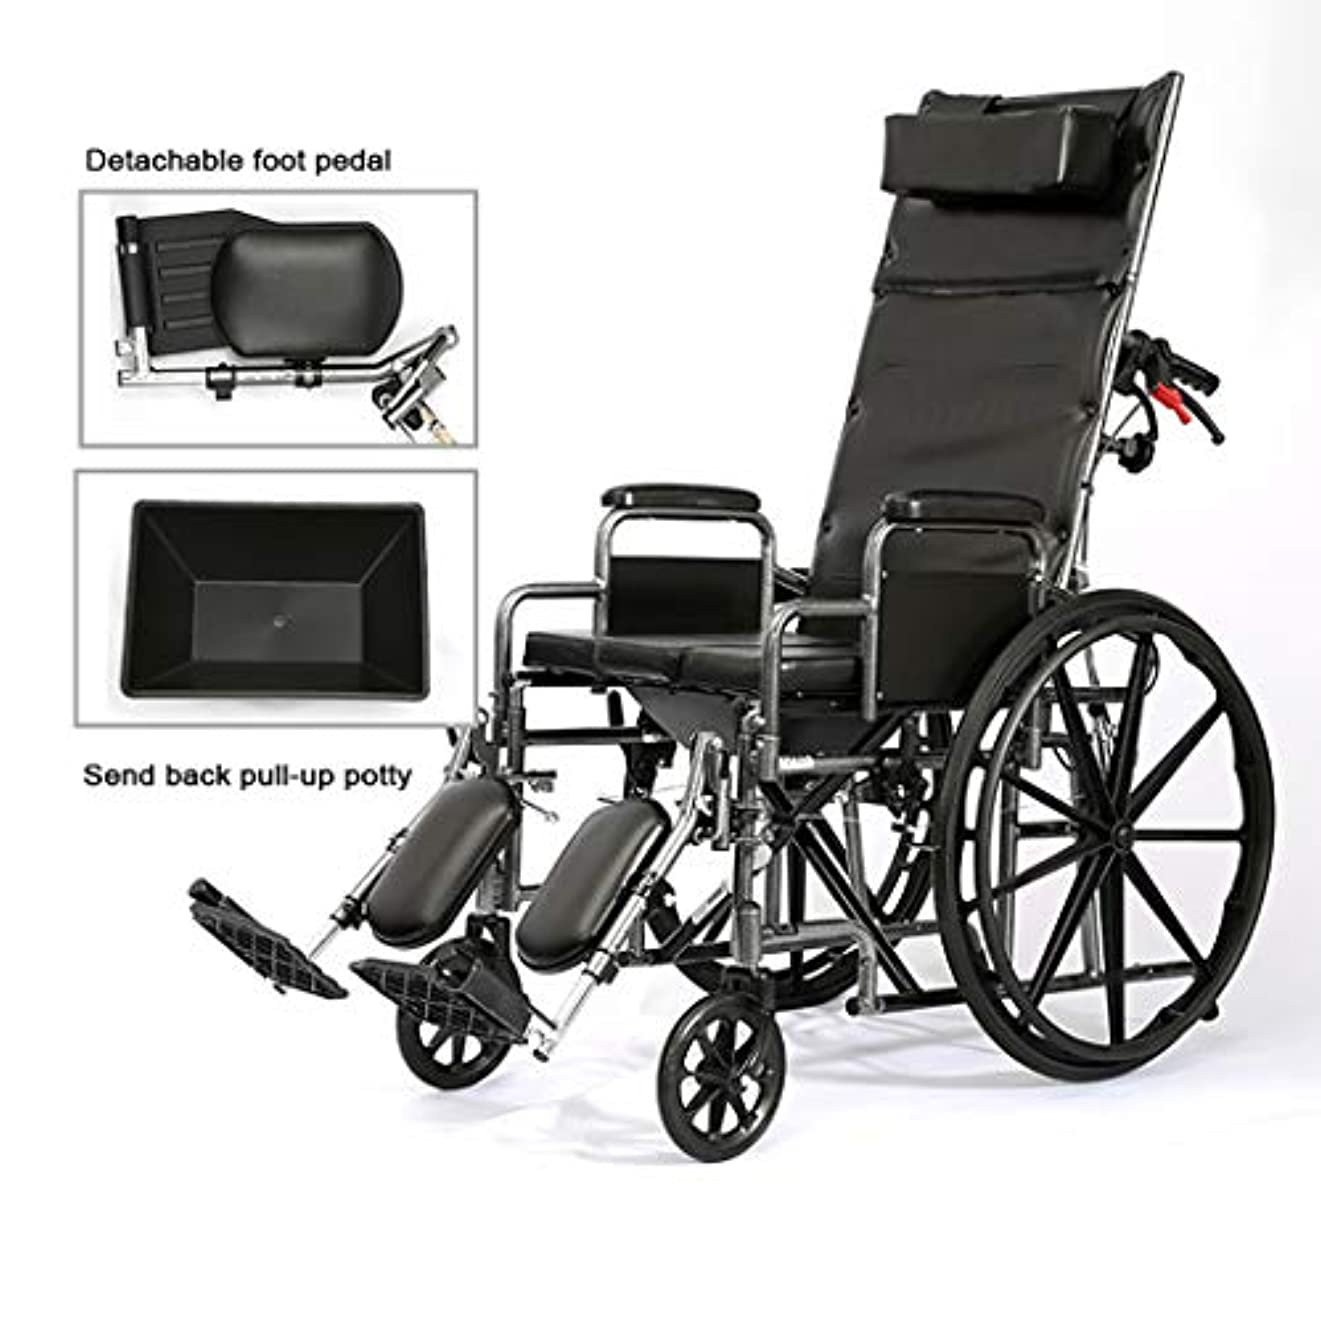 バスケットボールスペース平凡輸送用車椅子、医療用シャワー便器可動椅子、最大積載量100kg、高齢者/妊婦/身体障害者